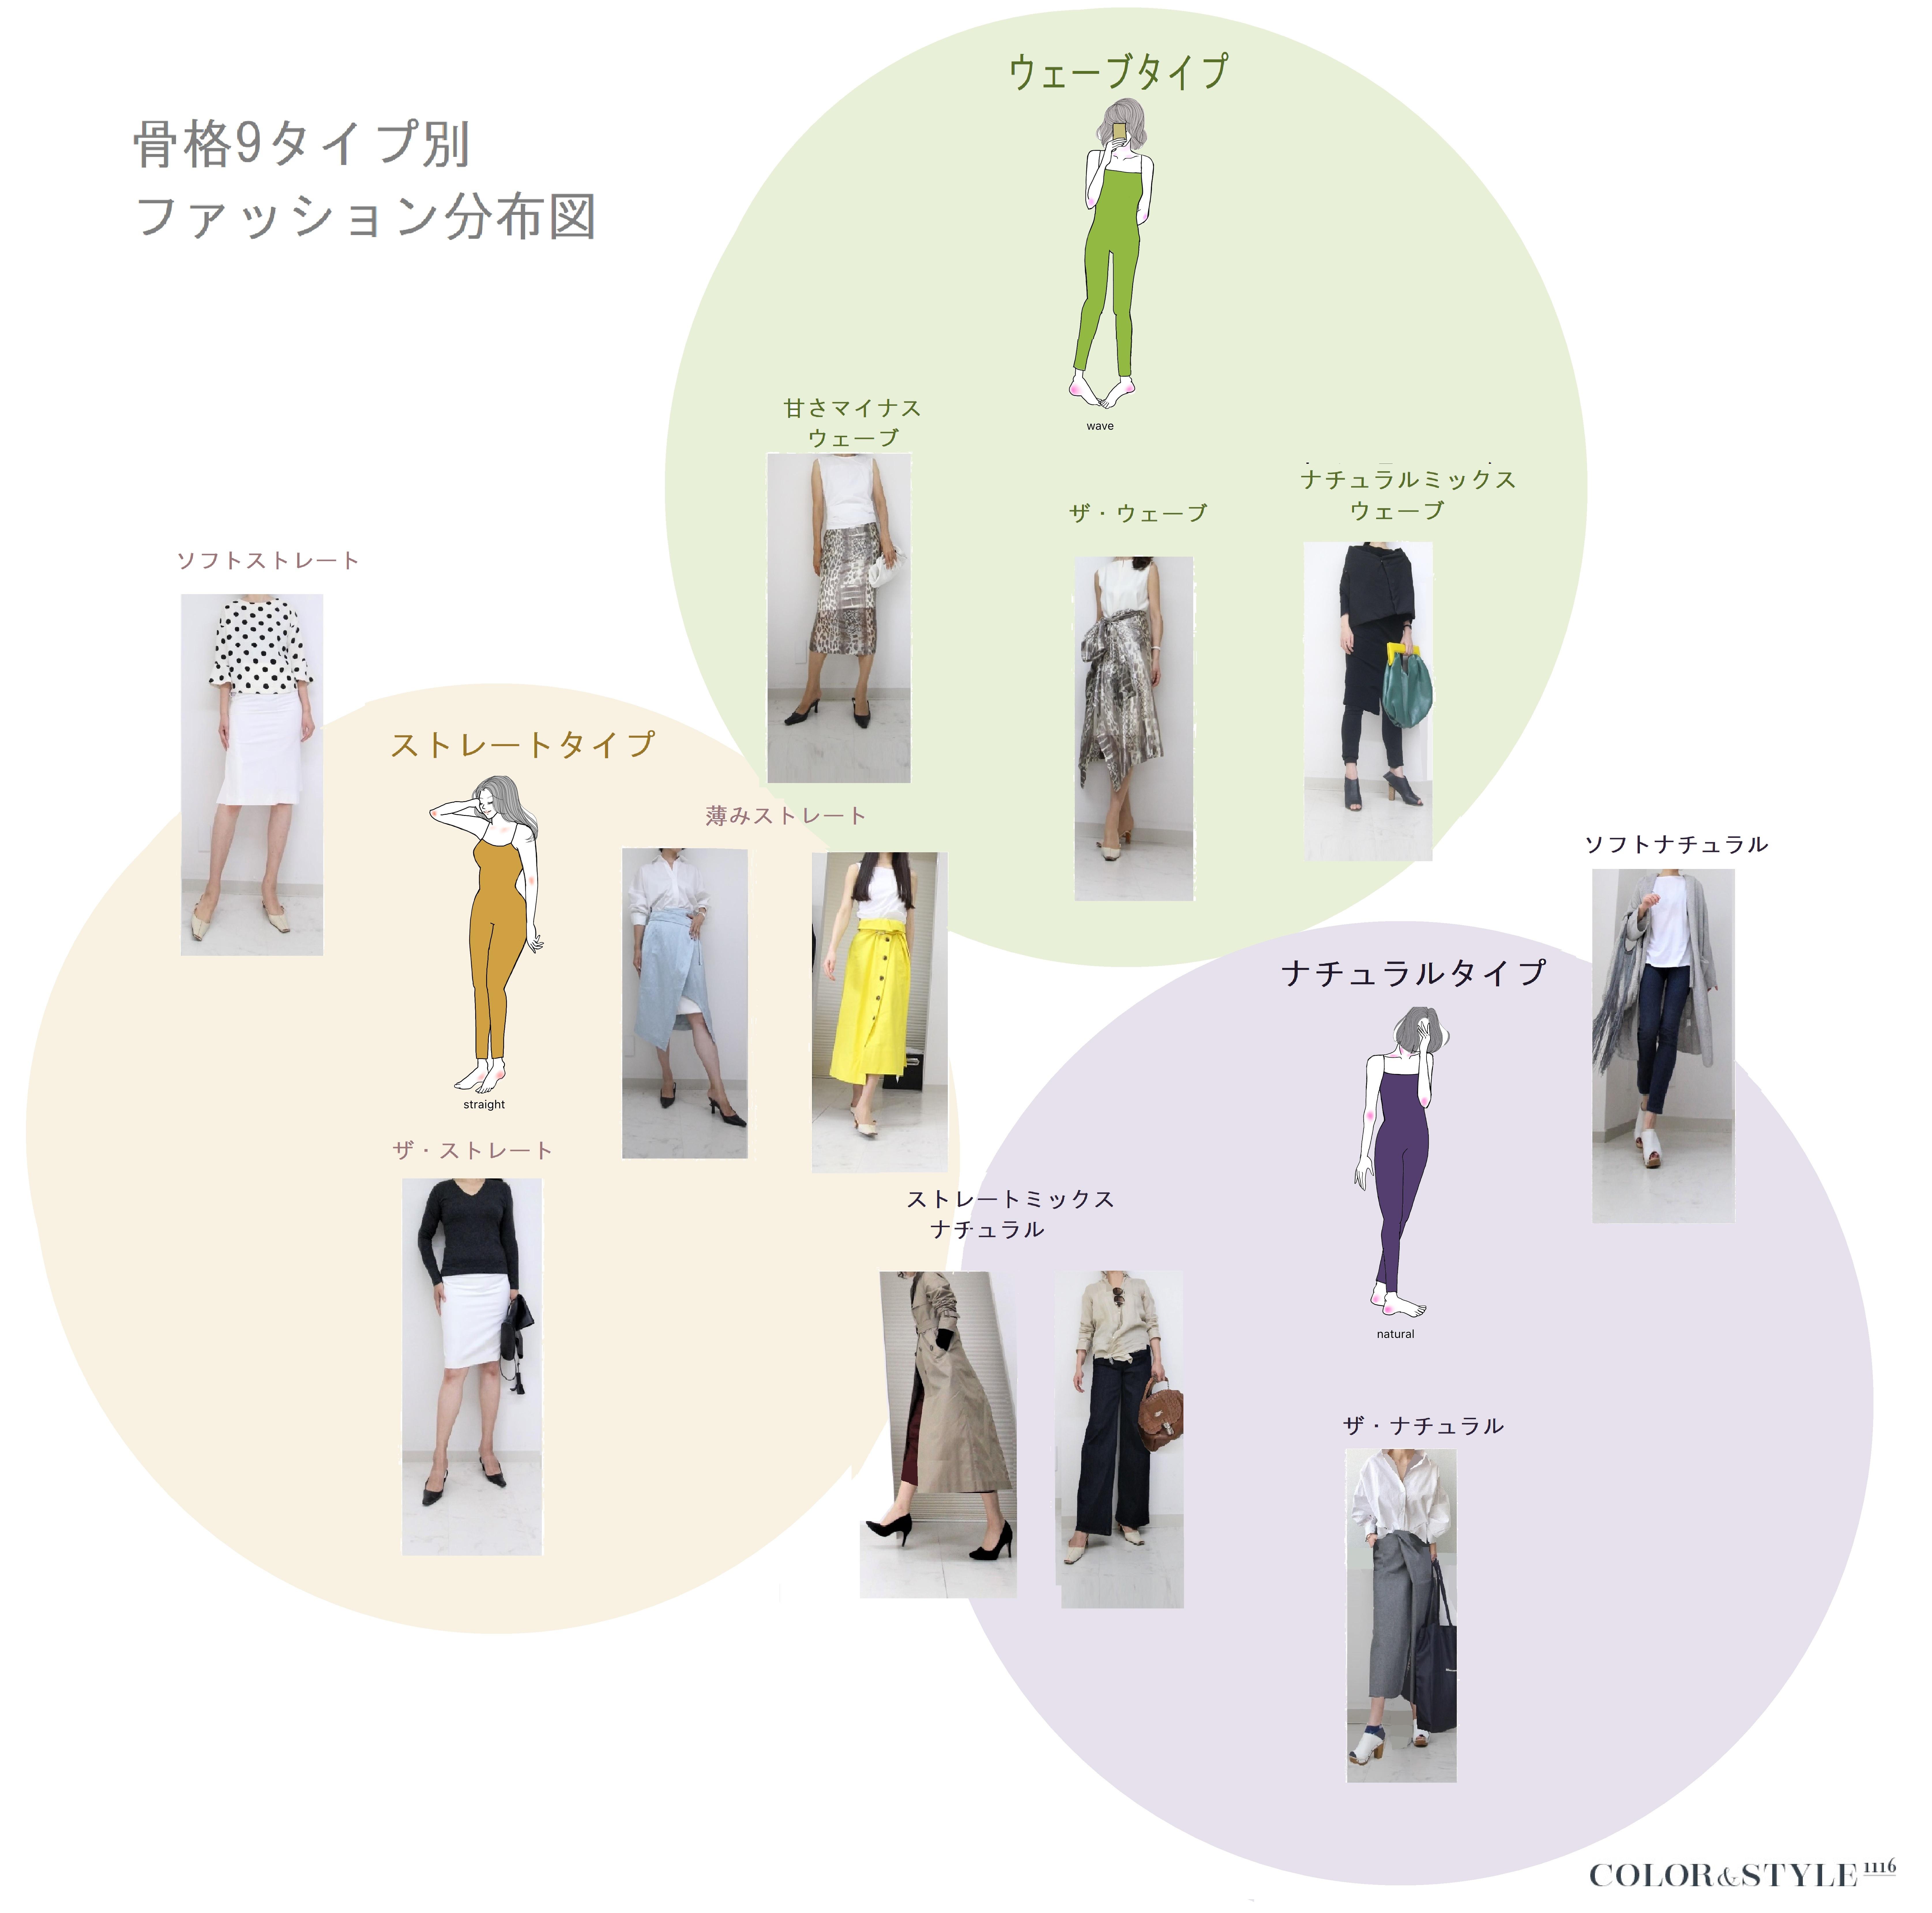 0000001 タイプ別ファッションイメージ図 jpeg